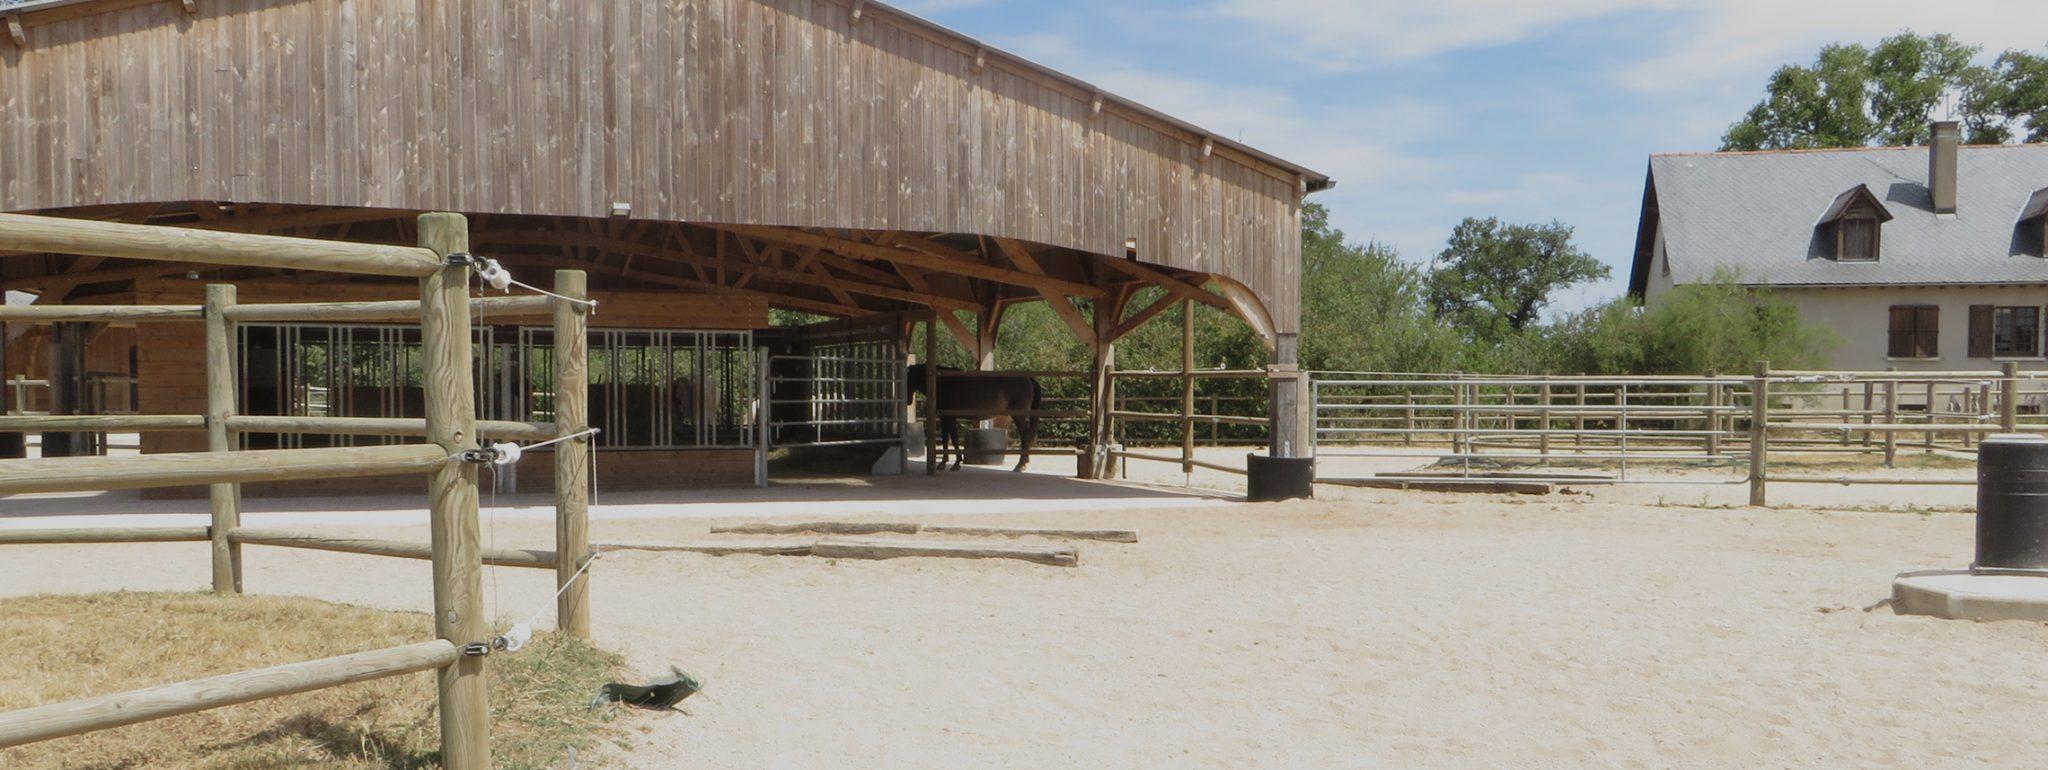 ferme-equestre-de-randeynes-ecurie-active-pension-chevaux Ferme équestre de Randeynes